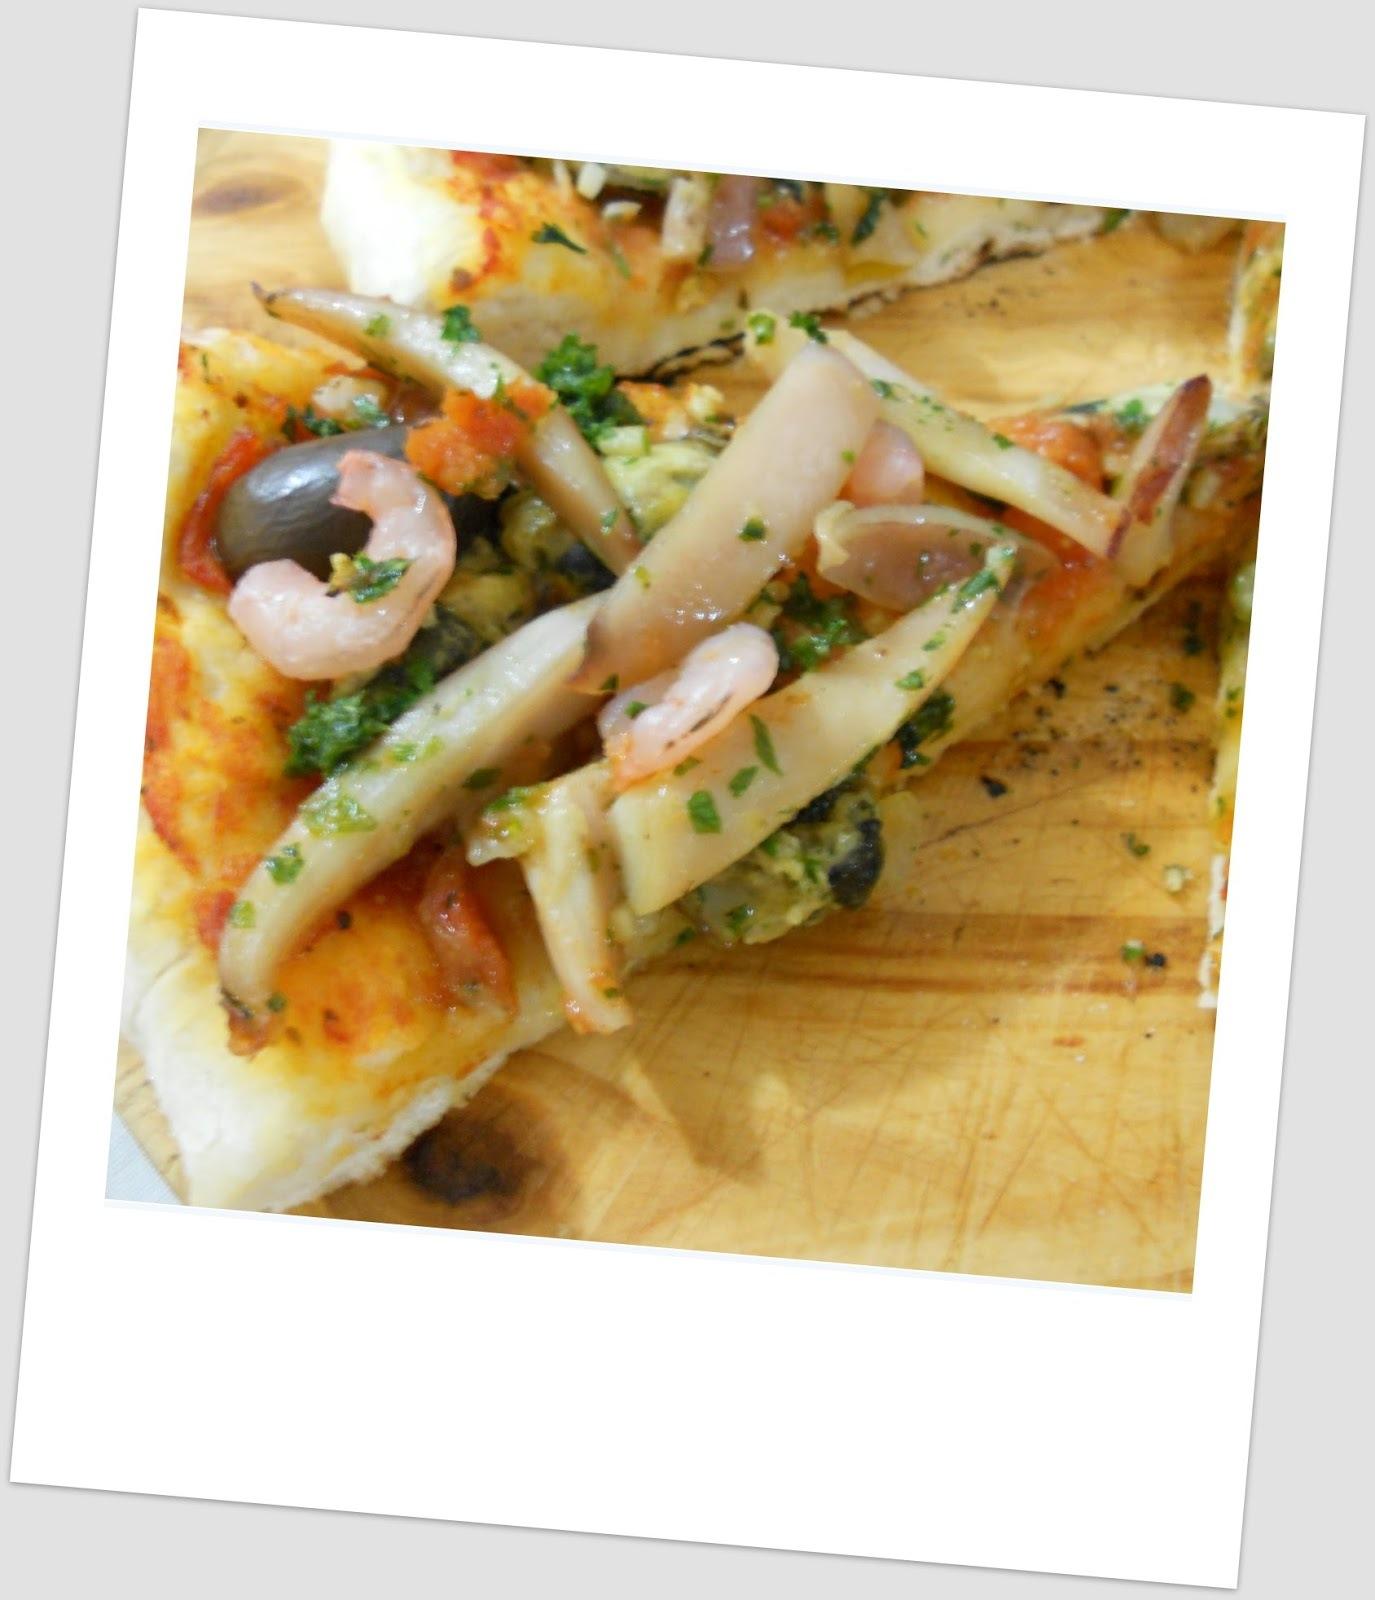 Pizza frutti di mare .... Monte Hermoso al estilo de Arturo Uslar Pietri